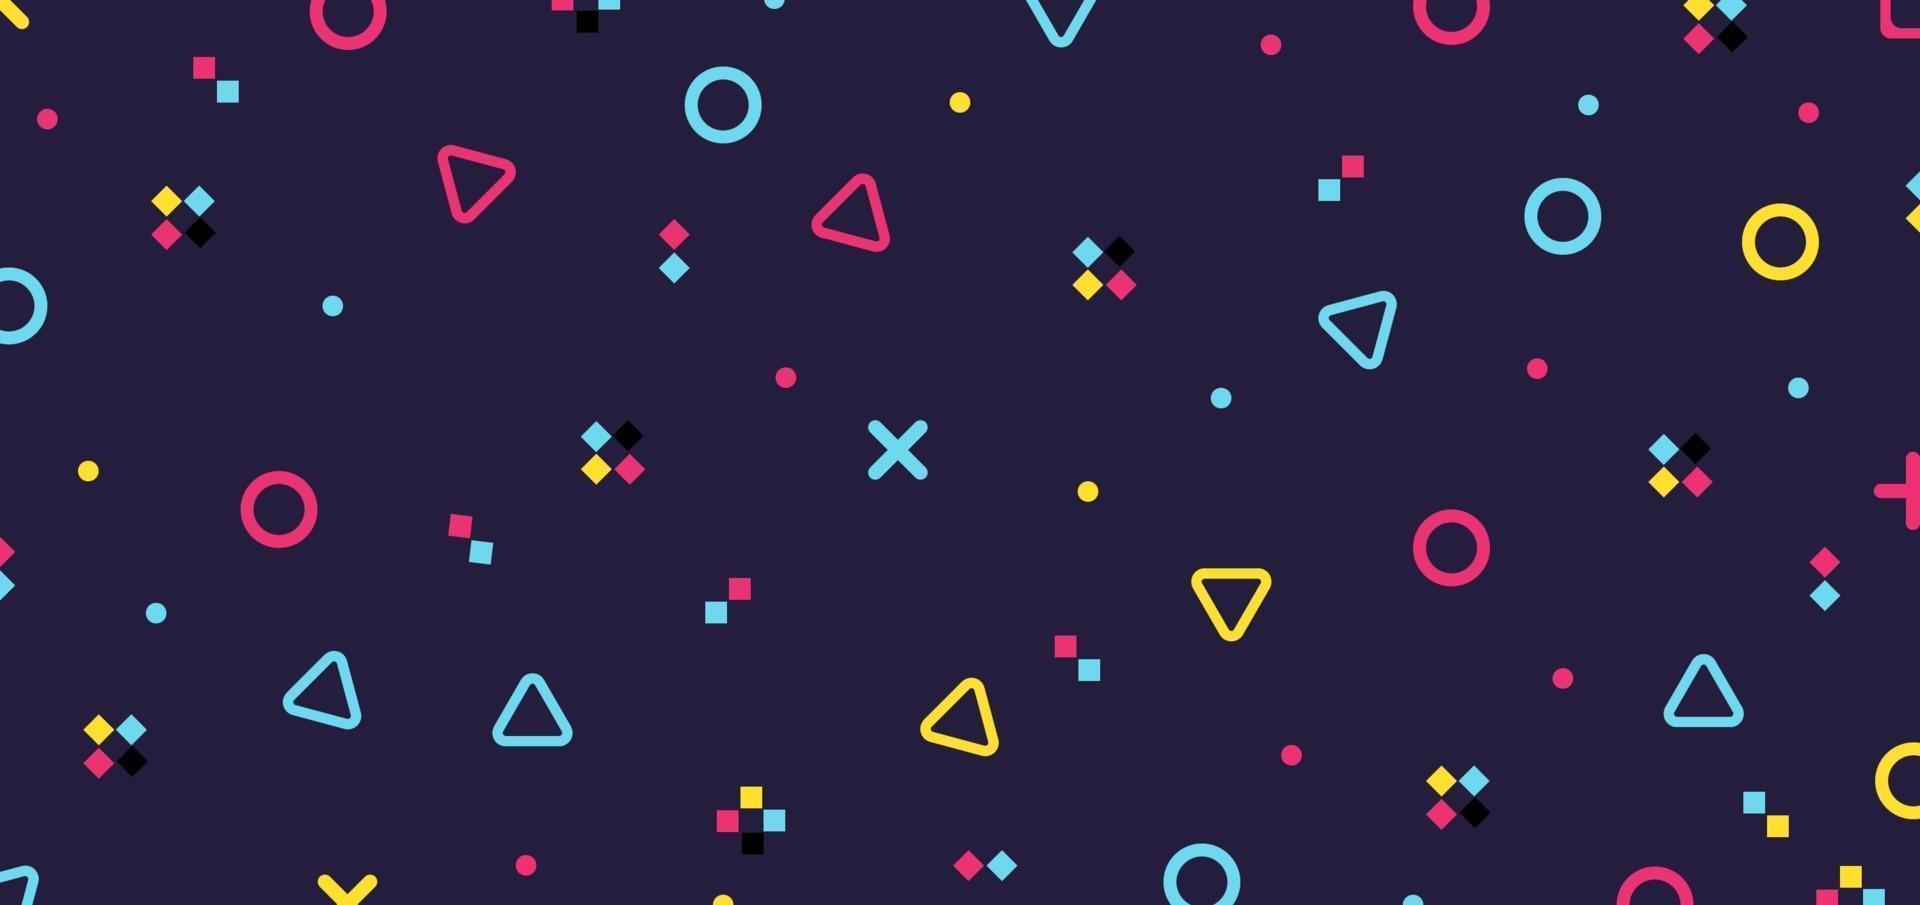 Éléments de motif abstrait hipster géométrique coloré sur fond violet rétro des années 80 vecteur